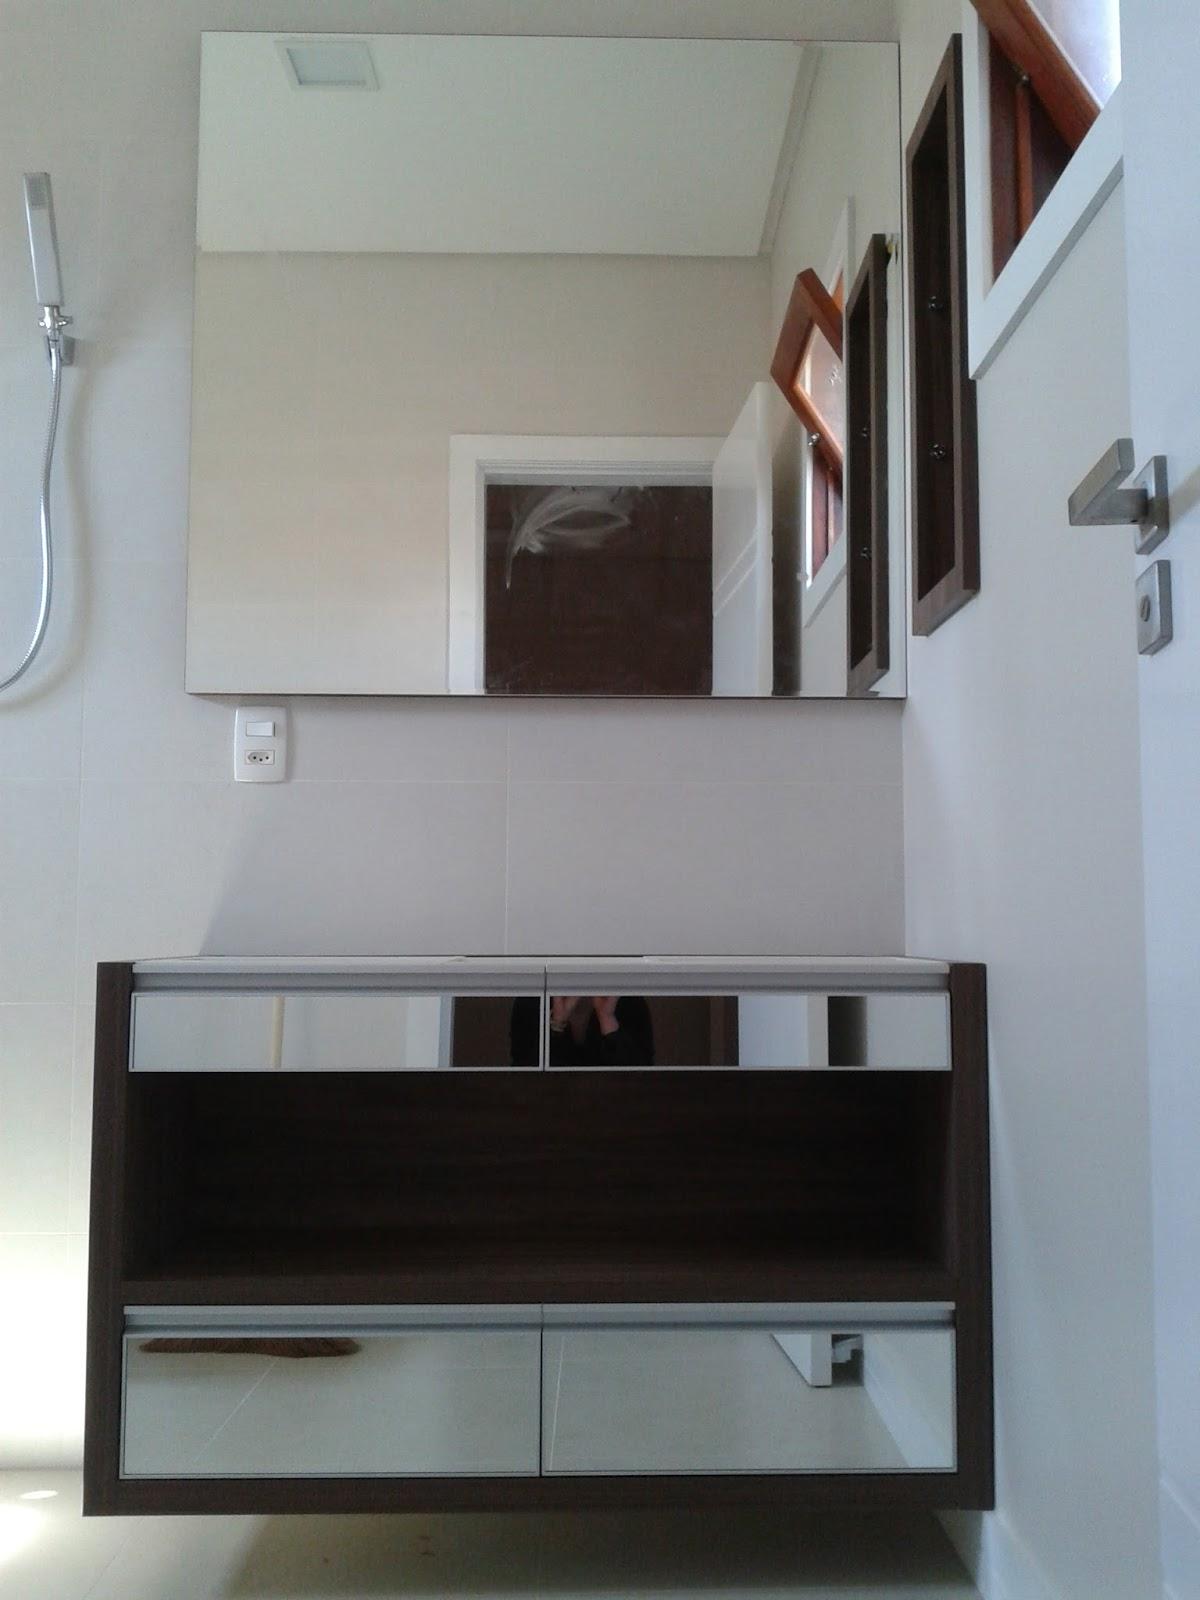 bá da Bia: banheiros granitos e armários #5C4338 1200x1600 Armario Banheiro Granito